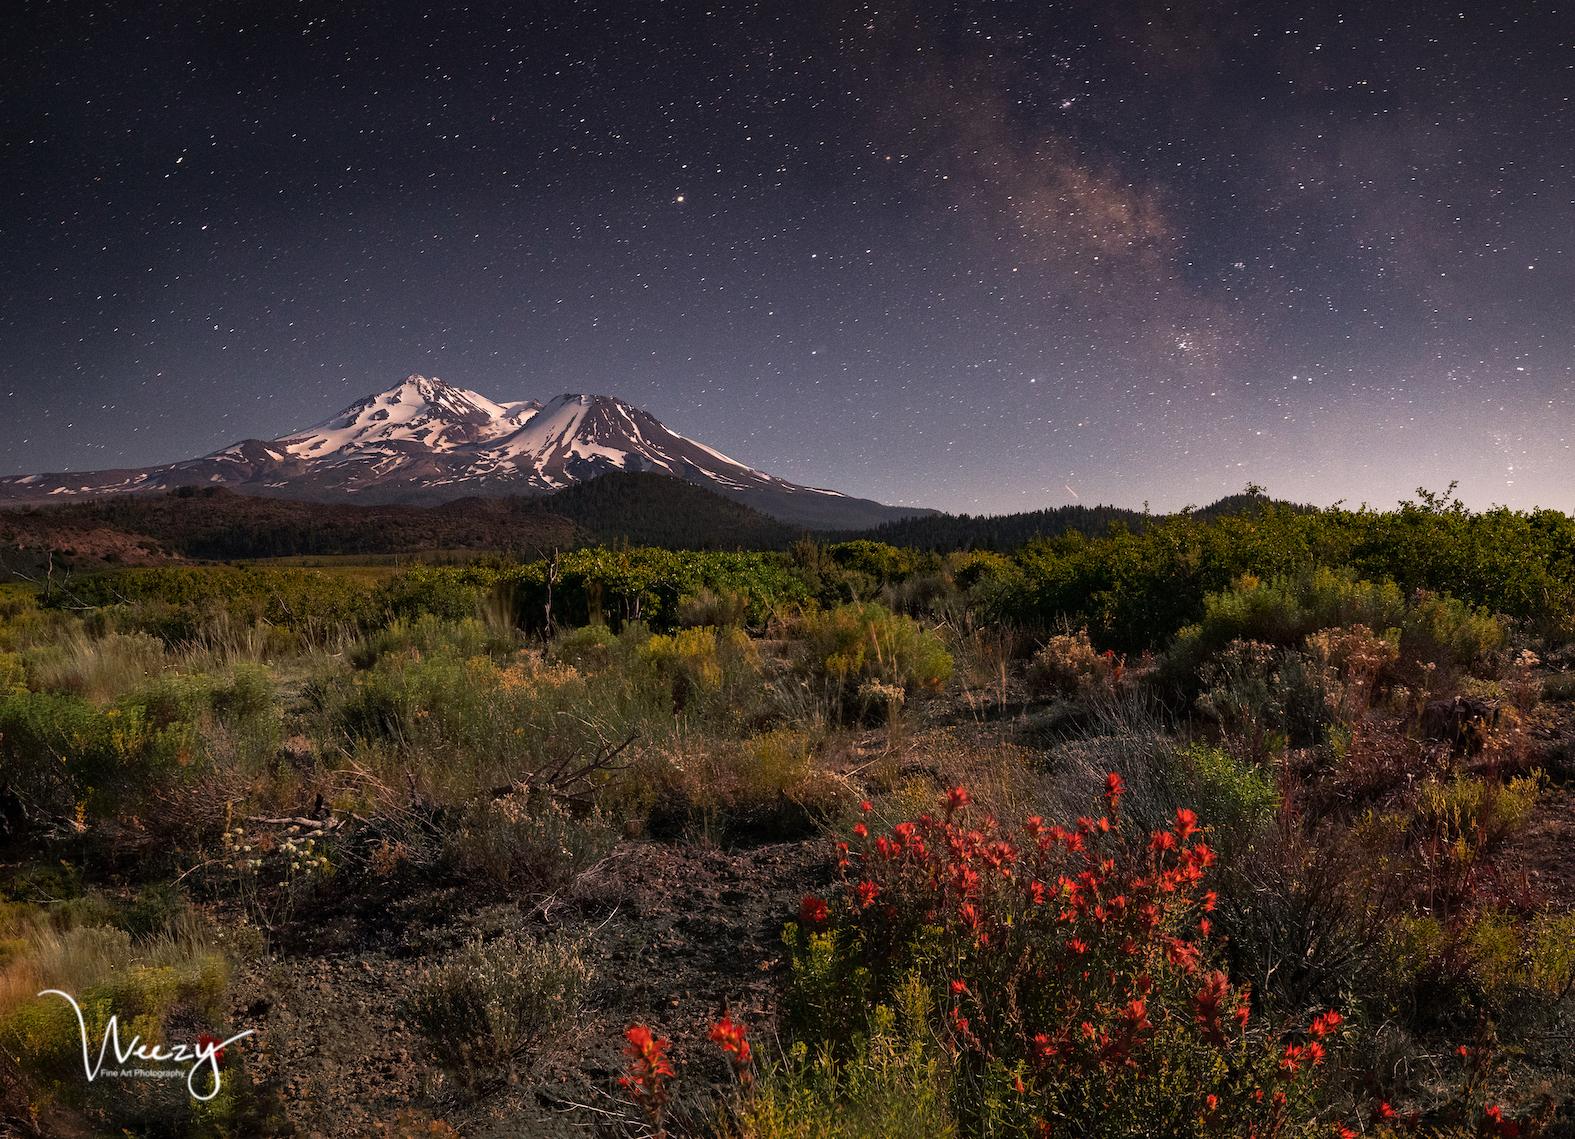 Mt. Shasta & Moonlight